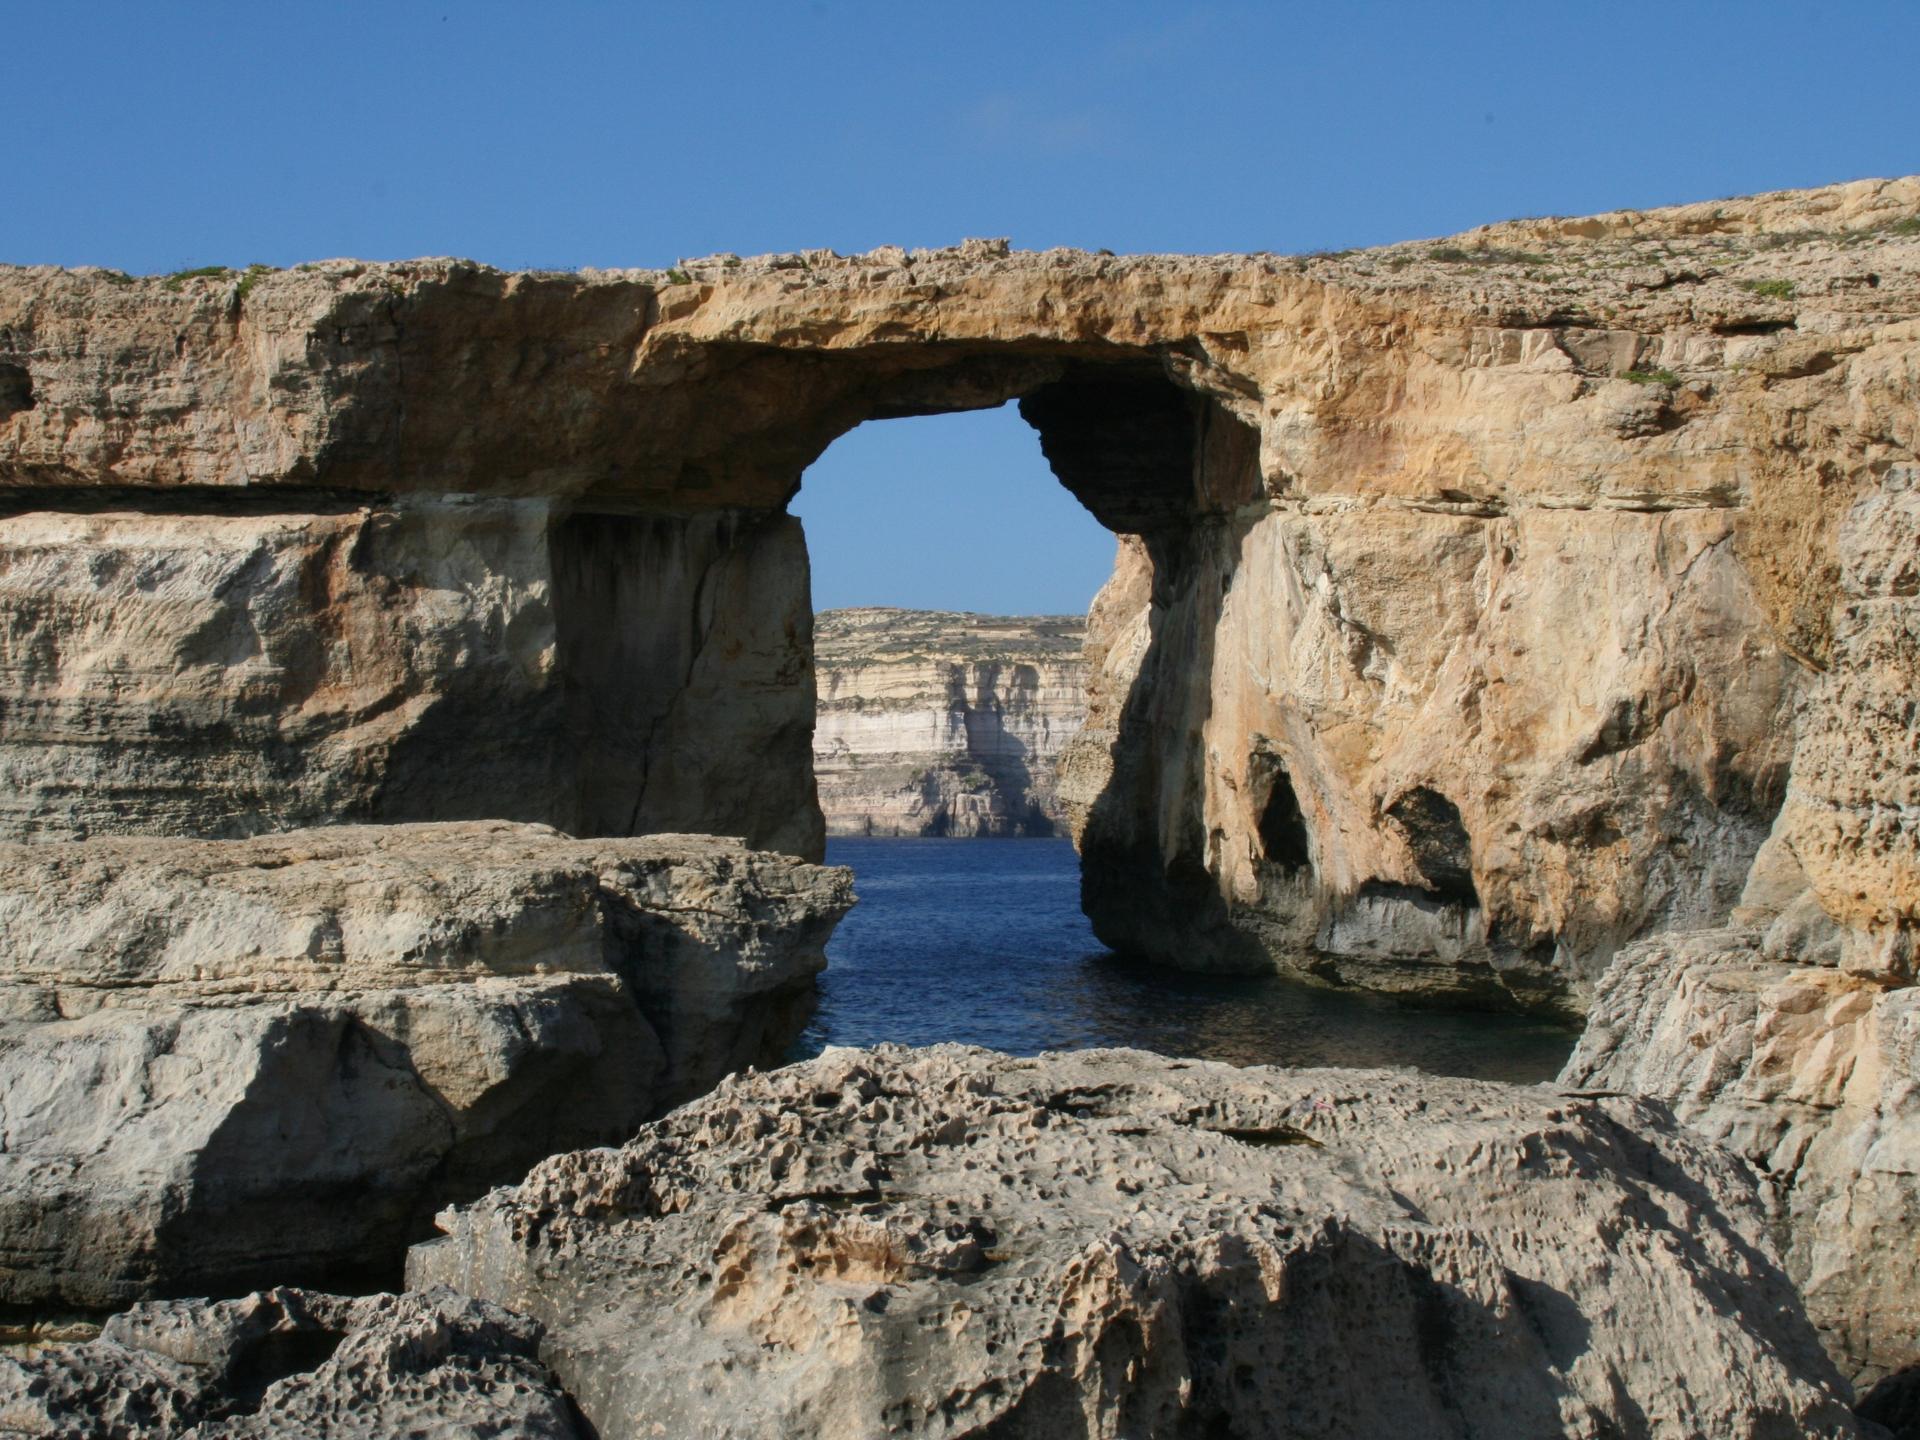 Auch in der Natur gibt es Lücken, die oft den Platz machen für eine neue Perspektive. - Photocredit: pixabay.com/chriswolf